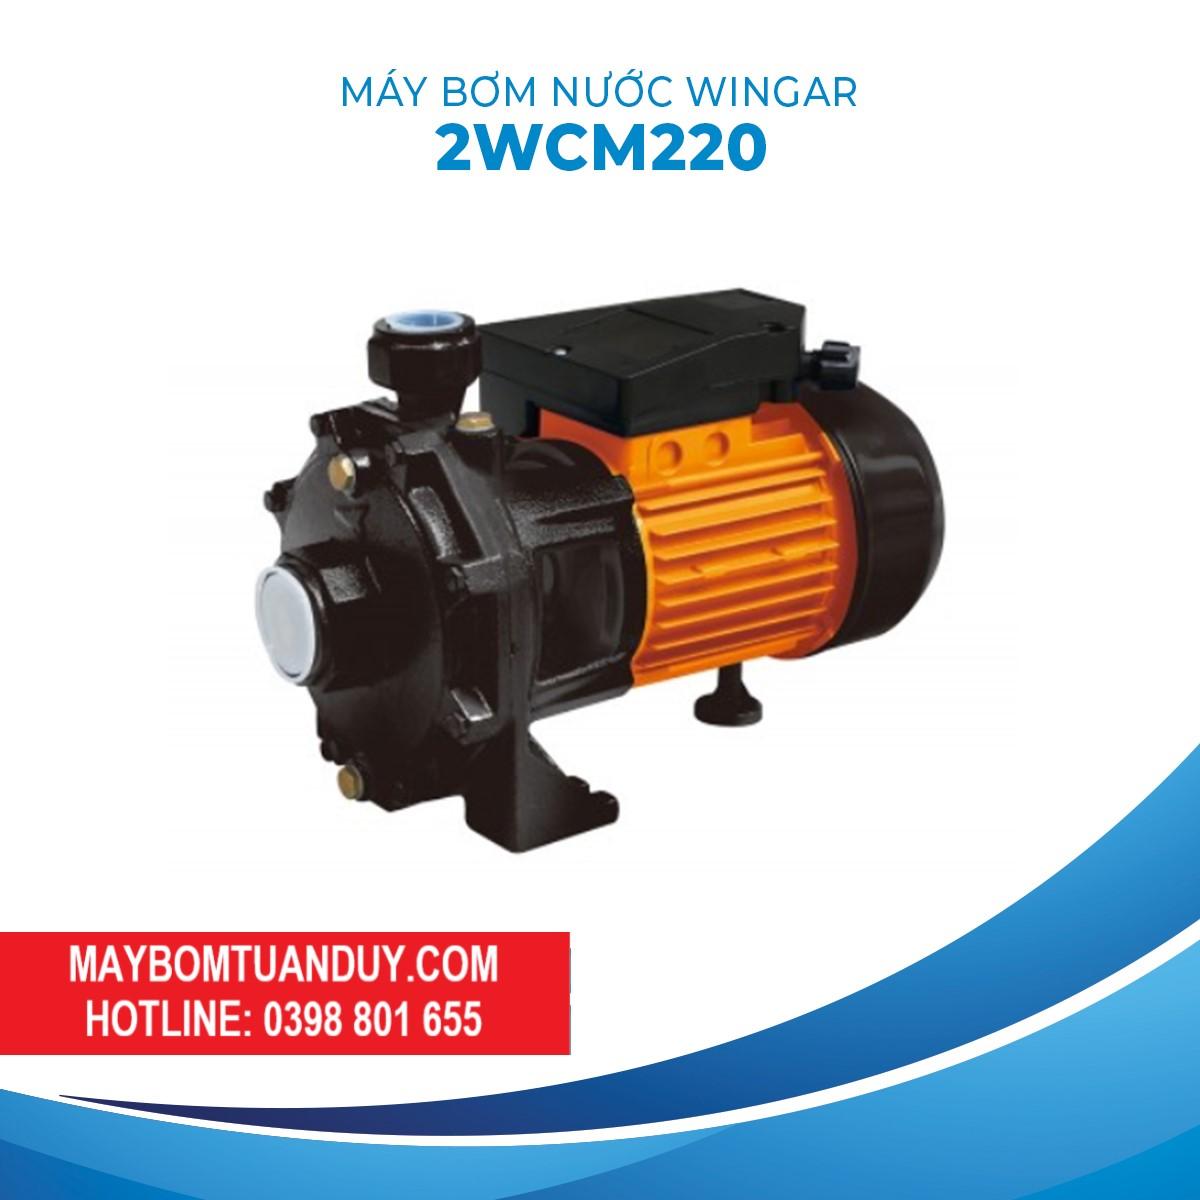 Máy Bơm Nước Wingar- 2WCM220B 220V 3HP 160L/P